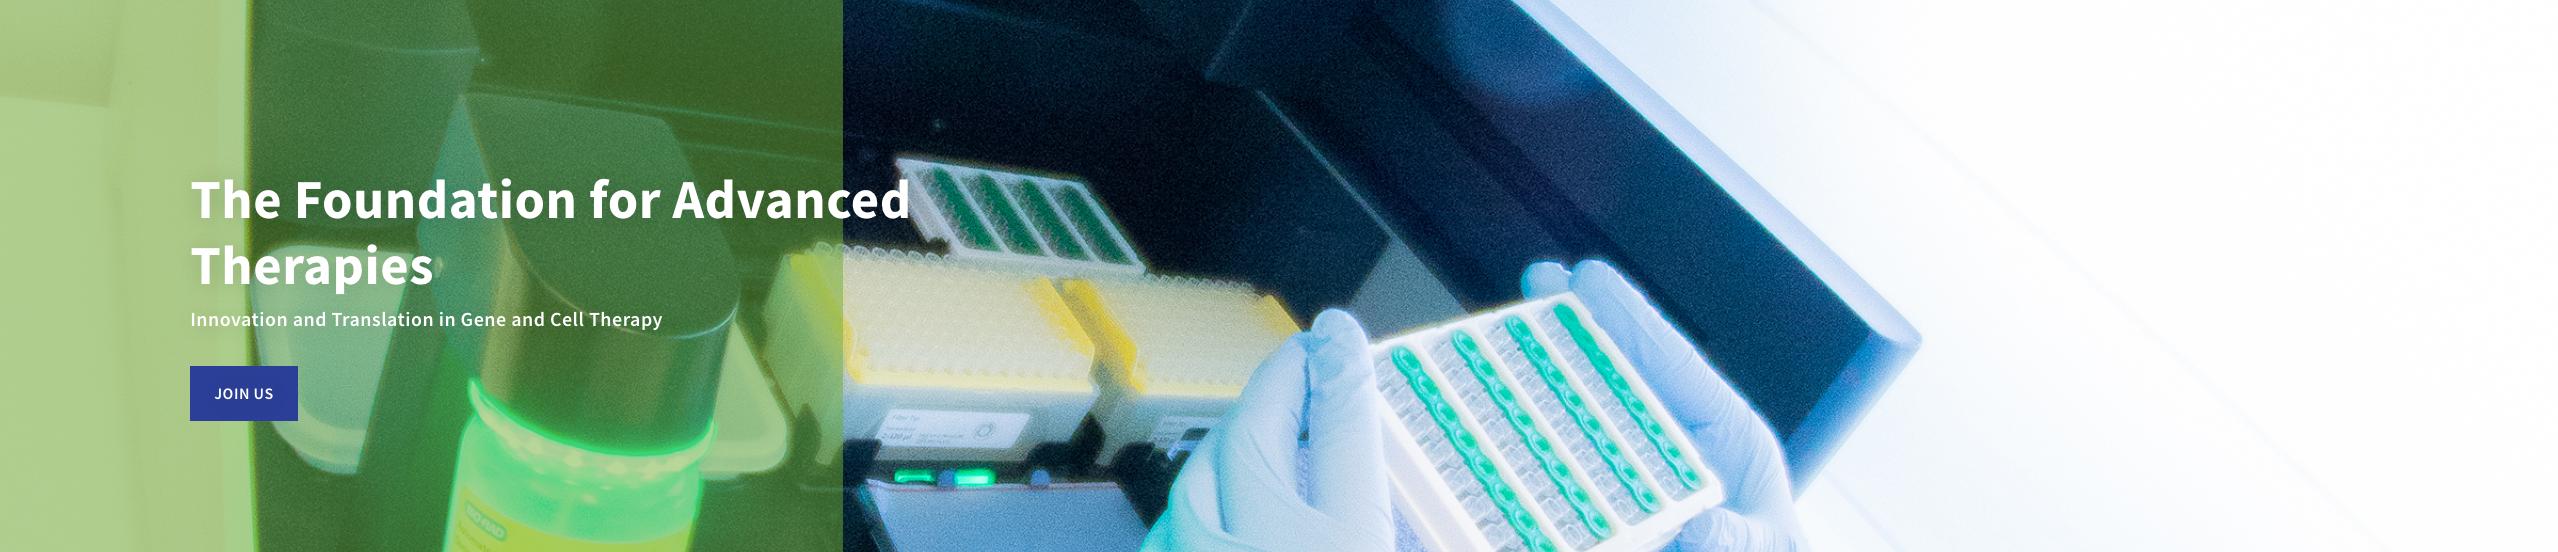 L'équipe de Kuopio travaille sur l'innovation en biothérapie pour la médecine du futur